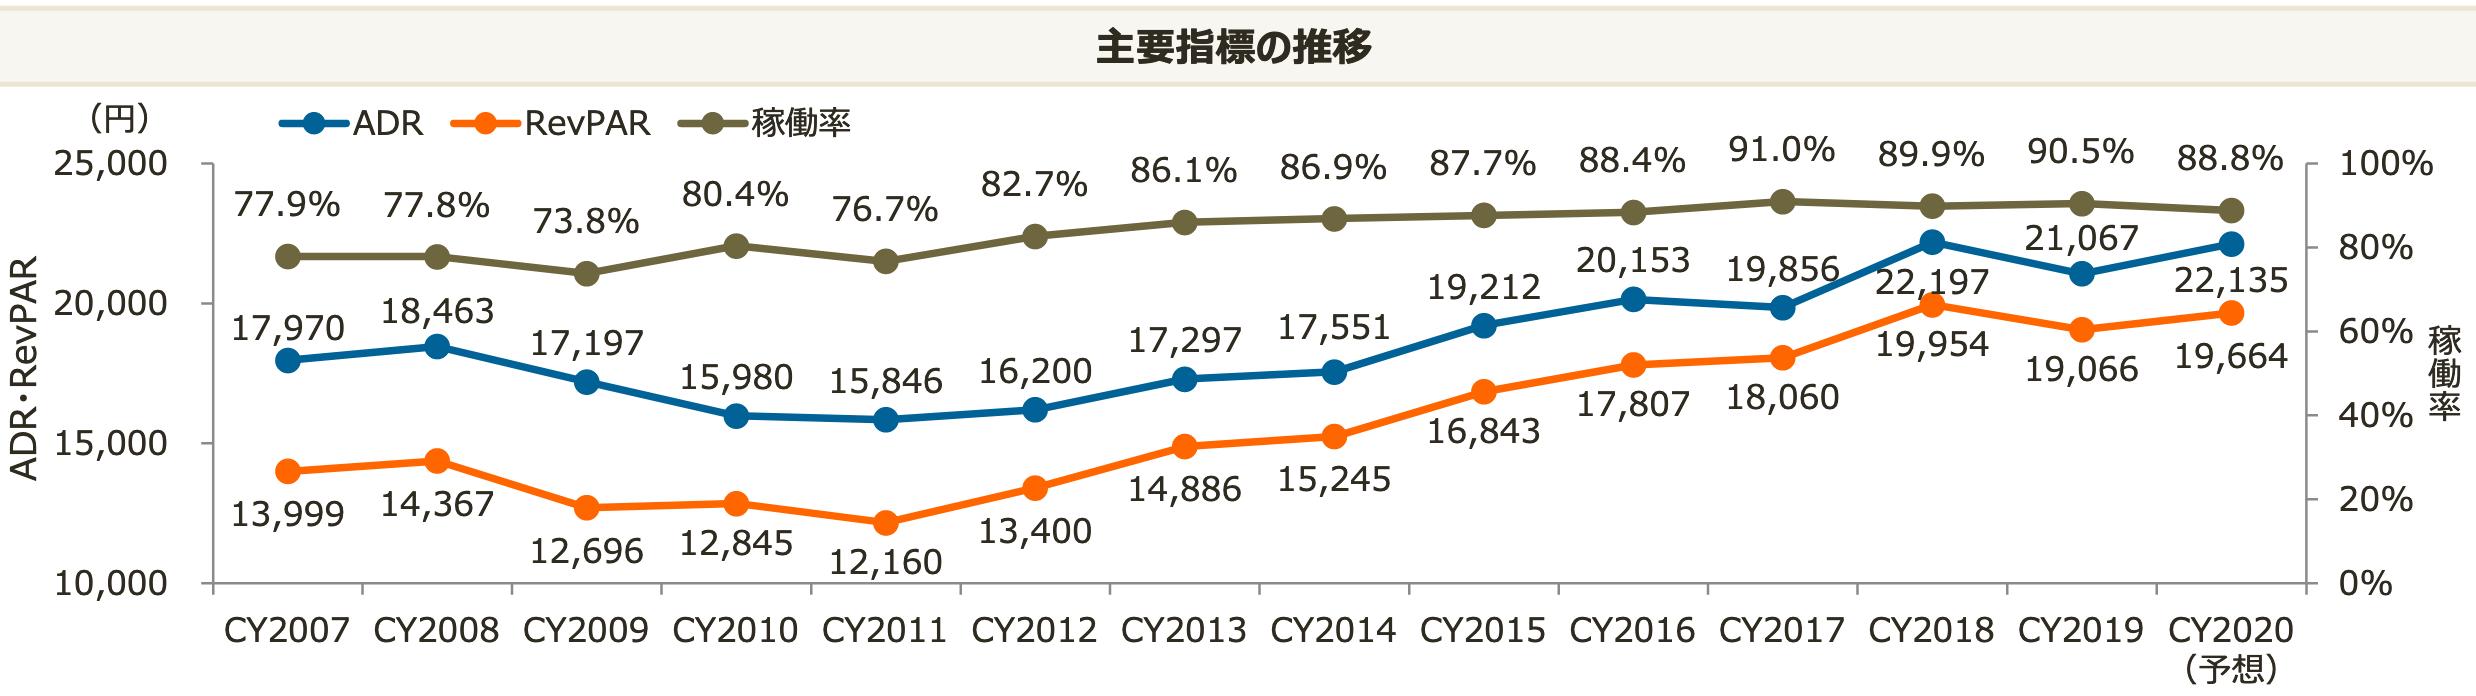 ジャパン・ホテルの「HMJ5ホテル」の稼働率、ADR、RevPER、売上